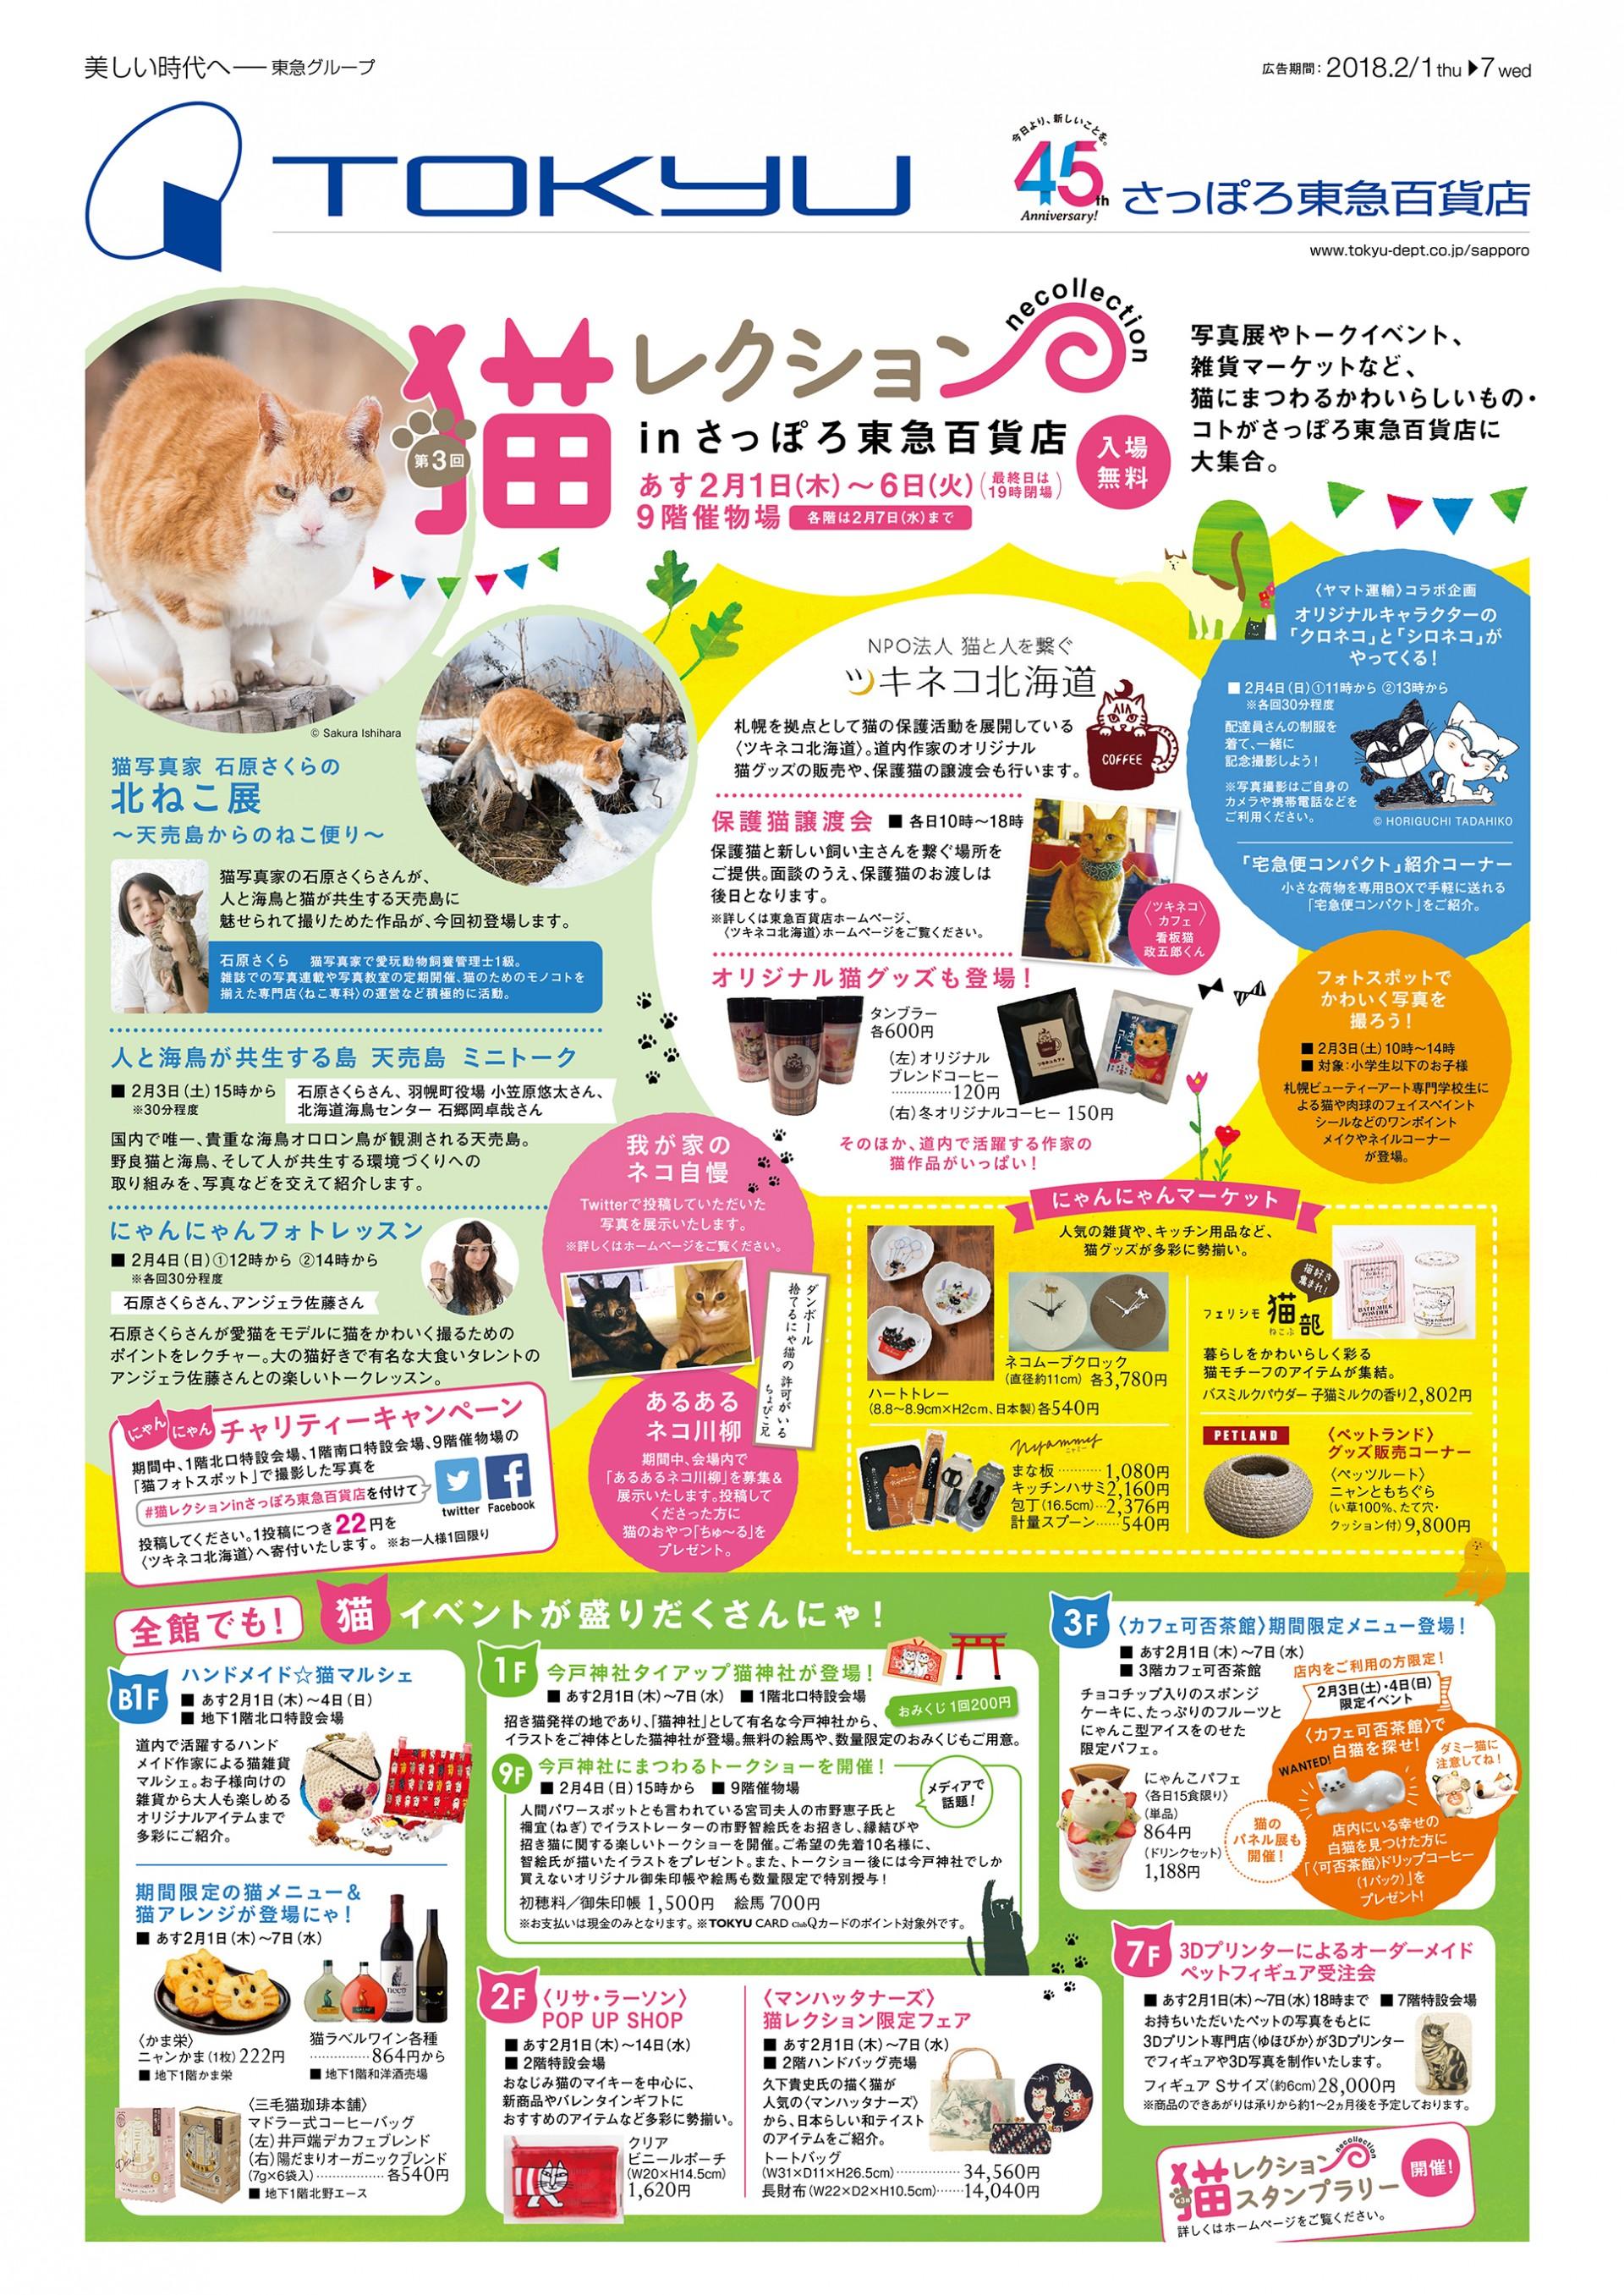 第3回 猫レクション in さっぽろ東急百貨店